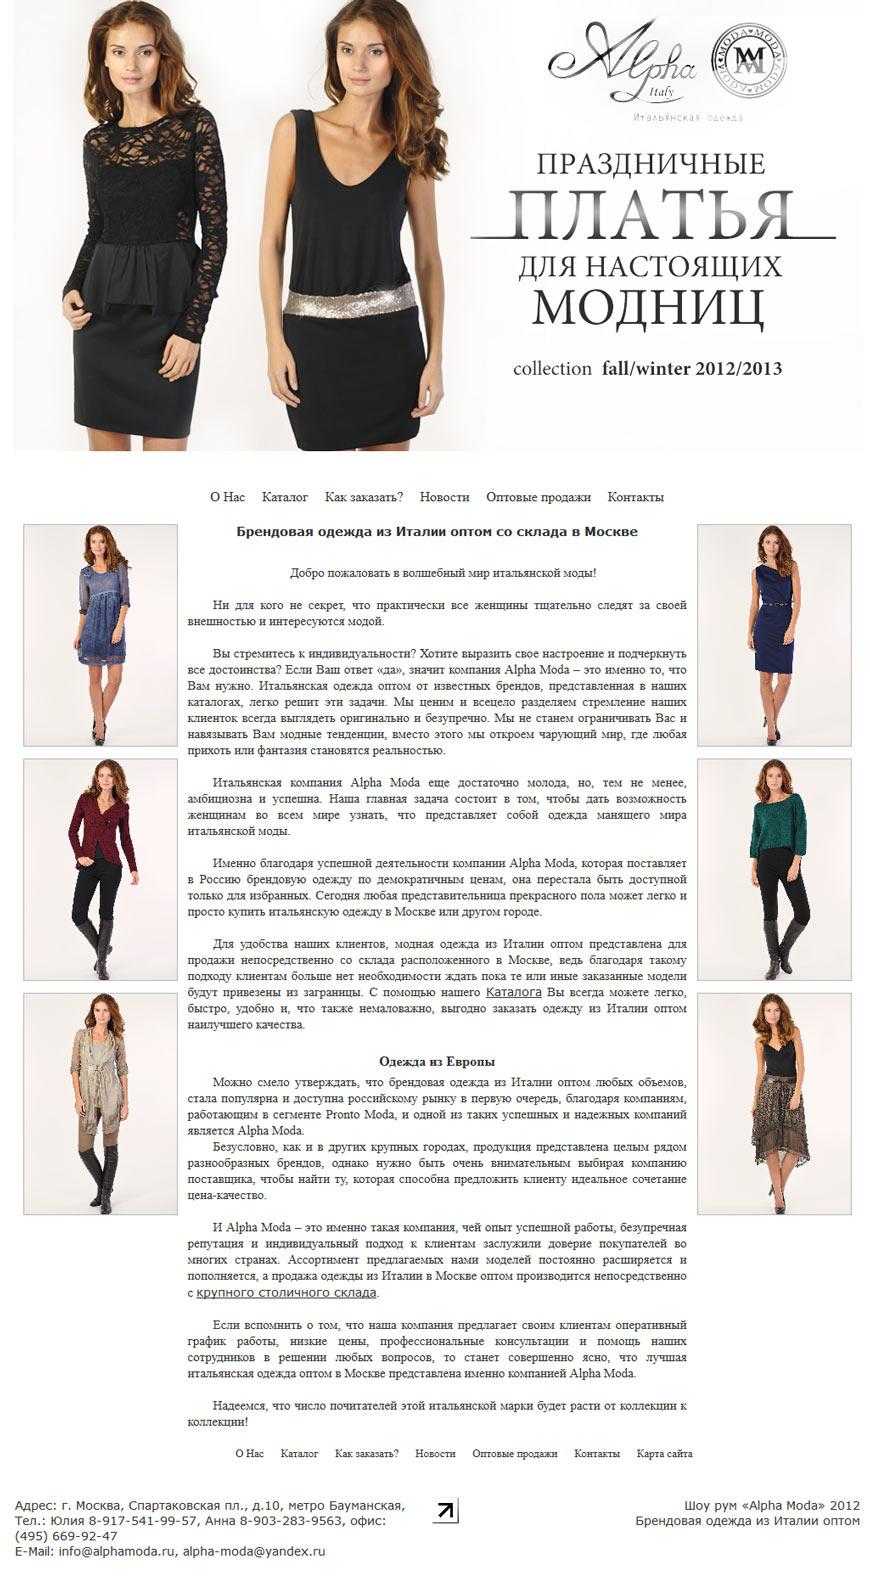 29374474b Alphamoda.ru — создание сайта брендовой итальянской одежды в Kraftwork